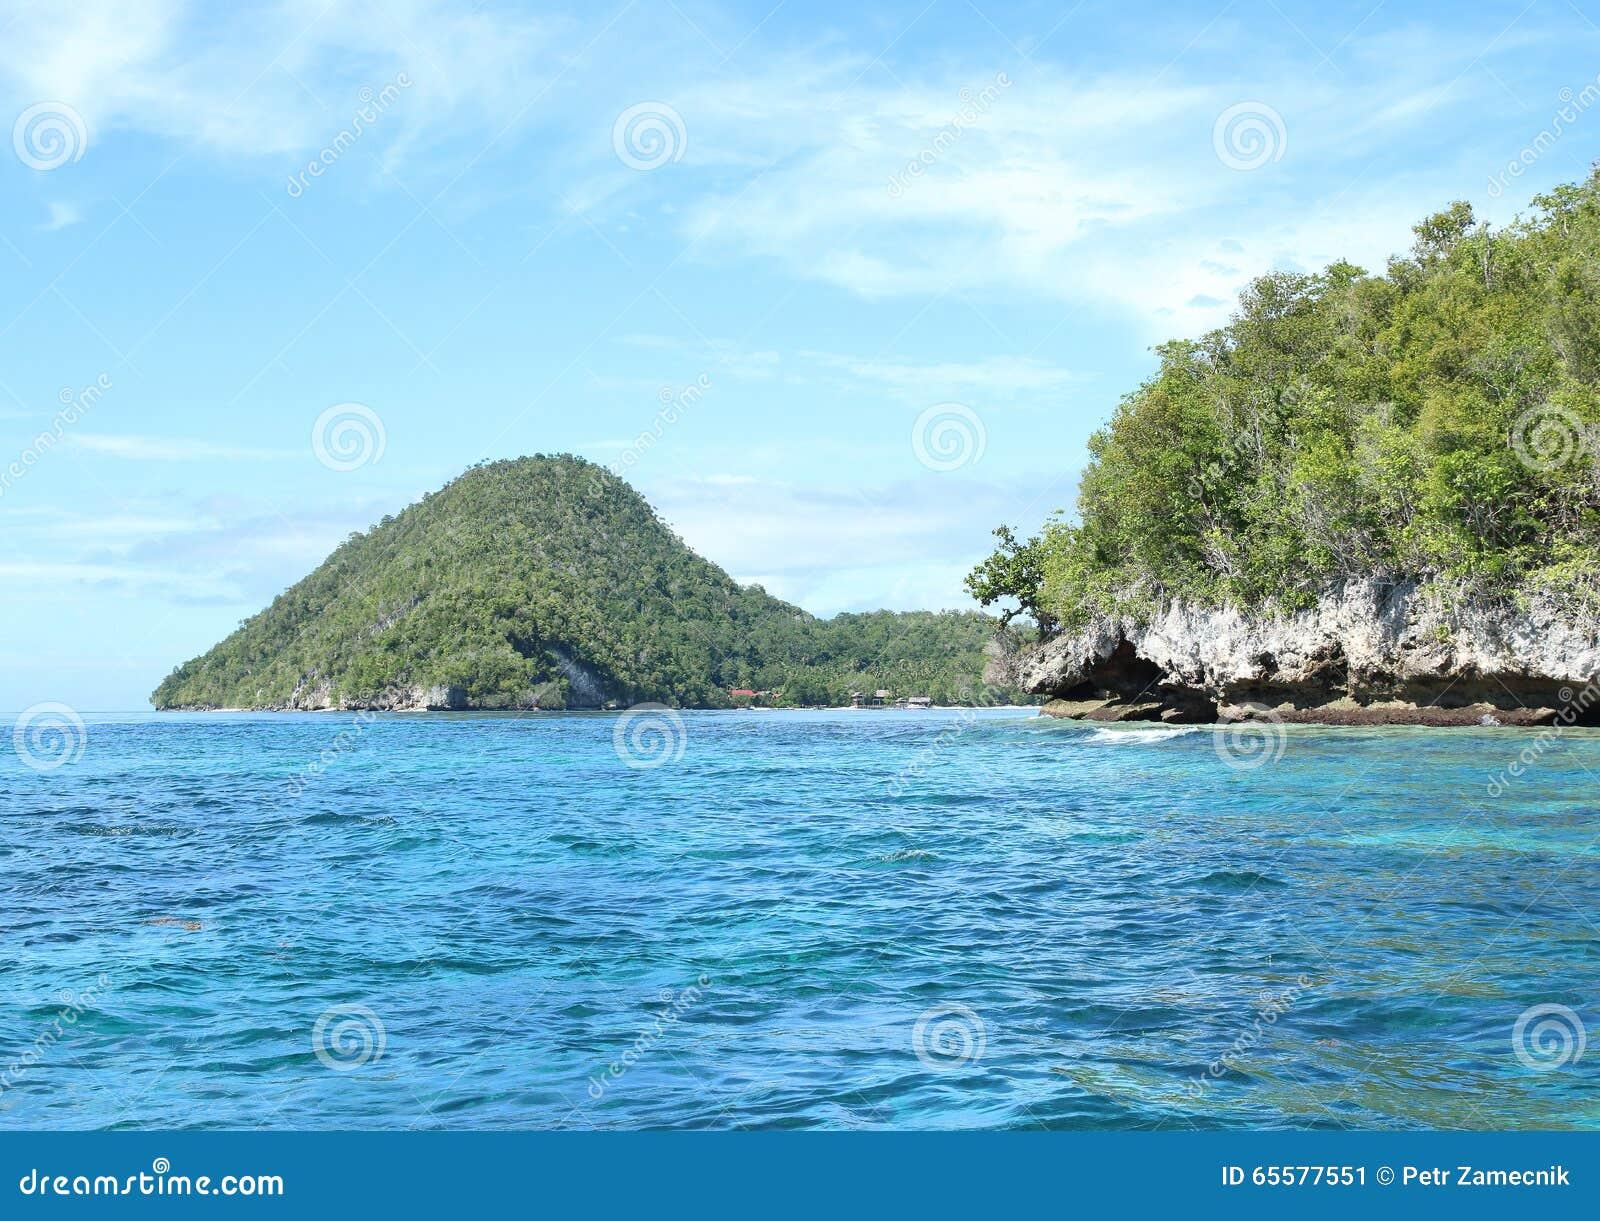 Ilha com rocha da pedra calcária